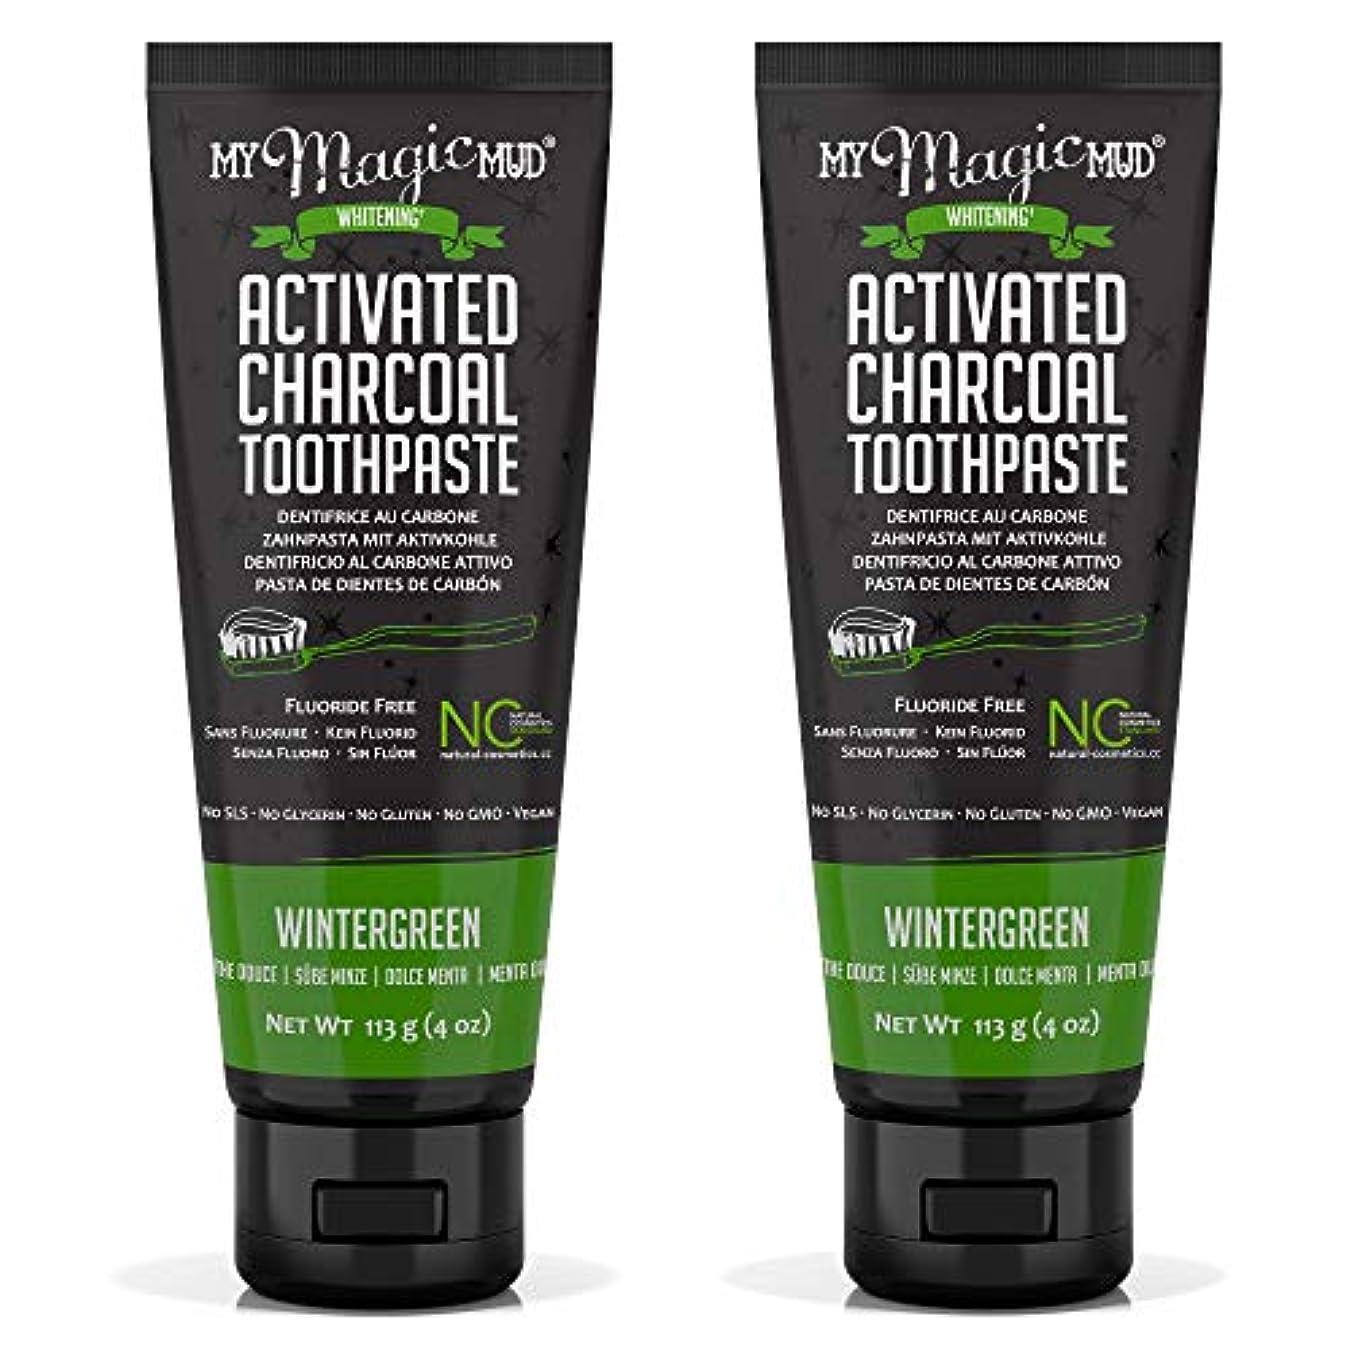 青写真本体倉庫My Magic Mud Activated Charcoal Toothpaste (Fluoride-Free) - Wintergreen 113g/4oz並行輸入品